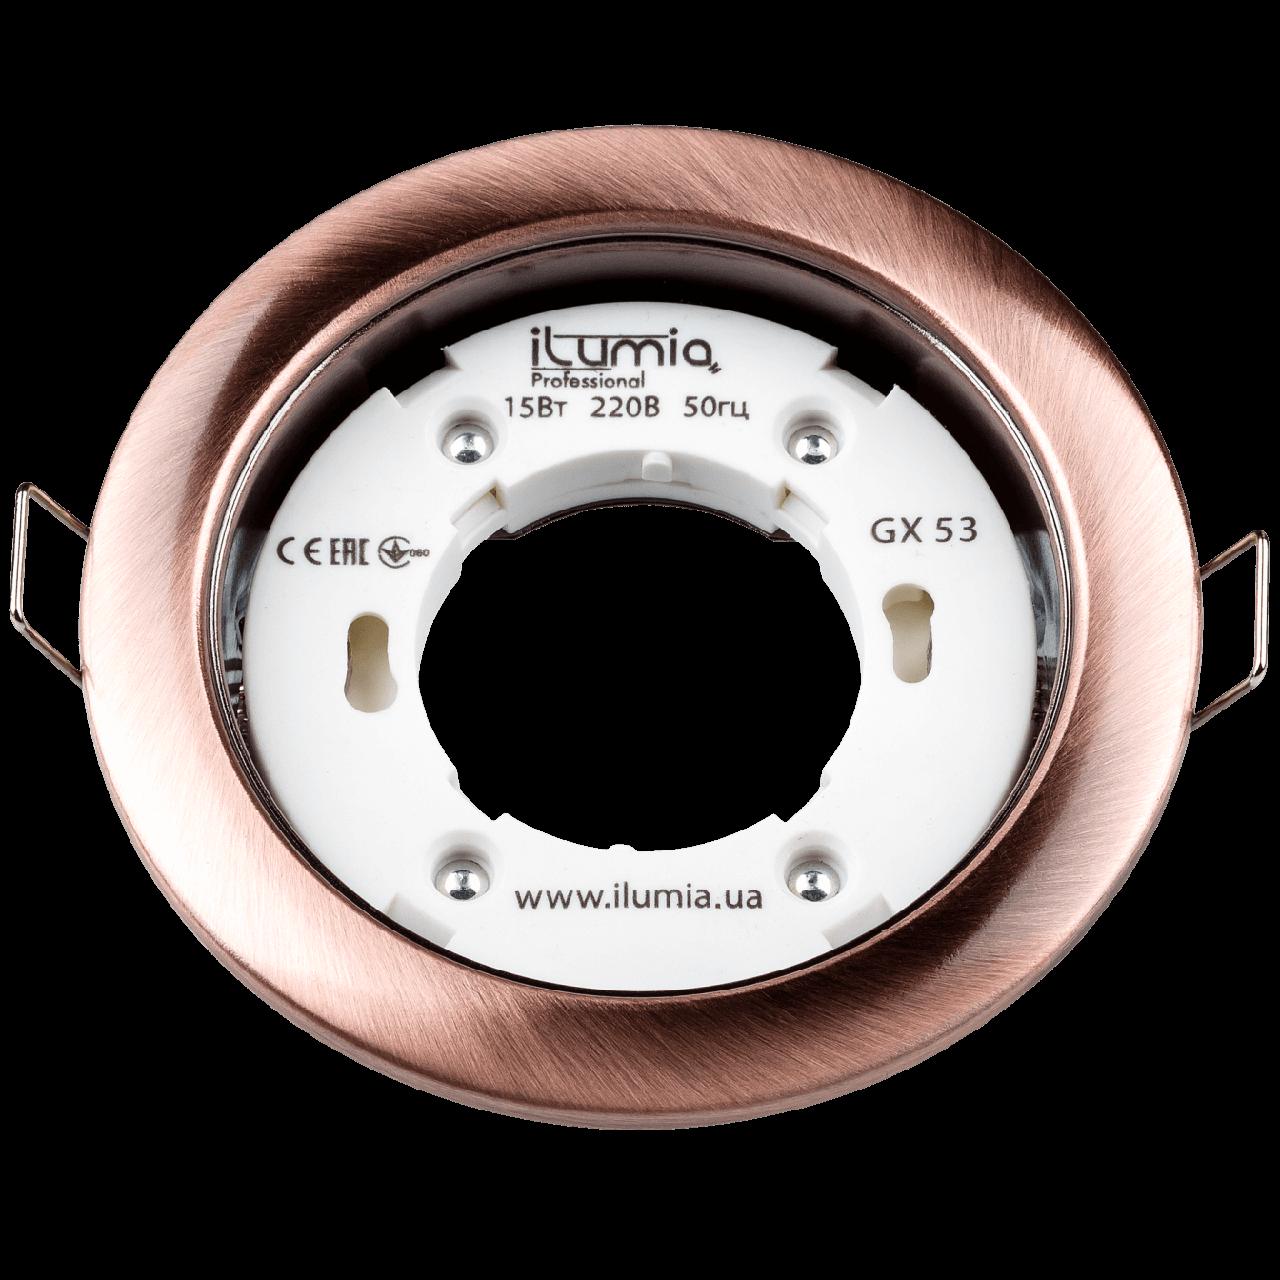 Встраиваемый светильник Ilumia под лампу GX53, Состаренная медь, 90мм (053)